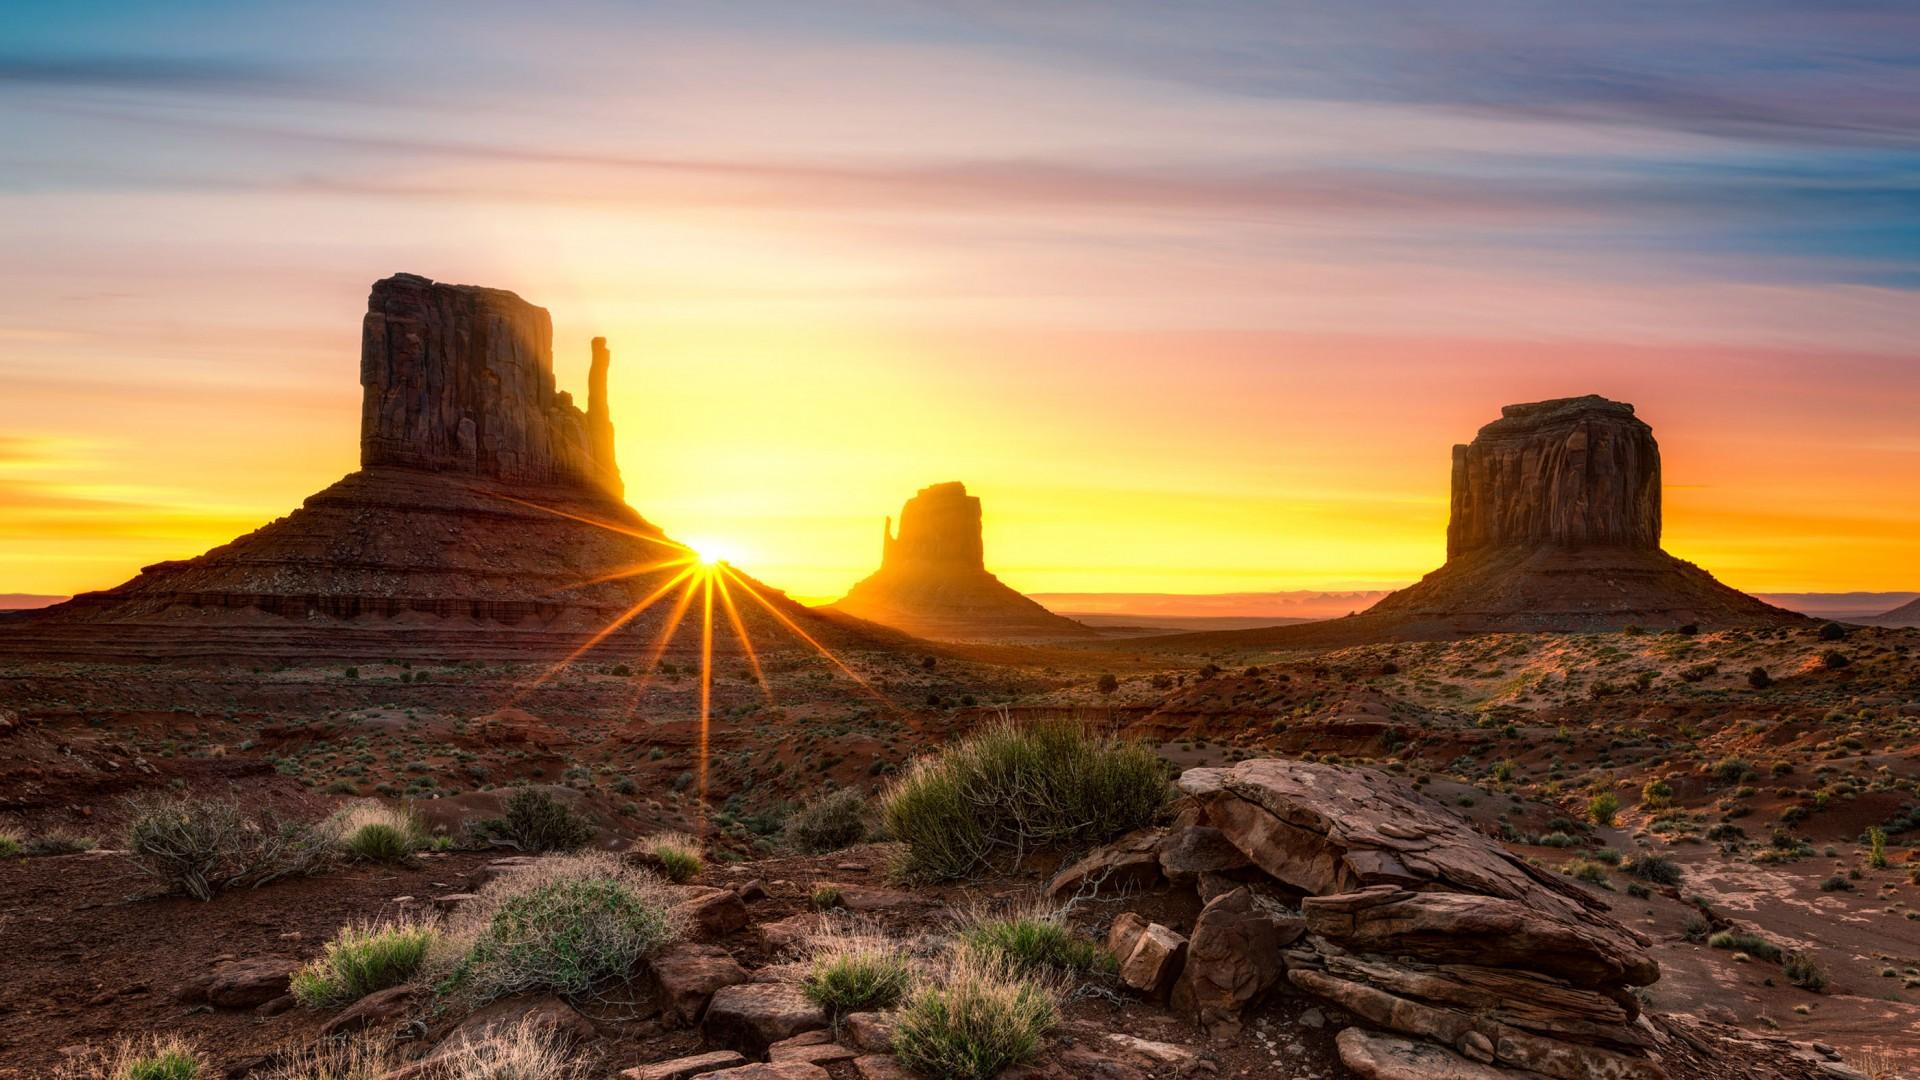 desert landscape hd wallpaper